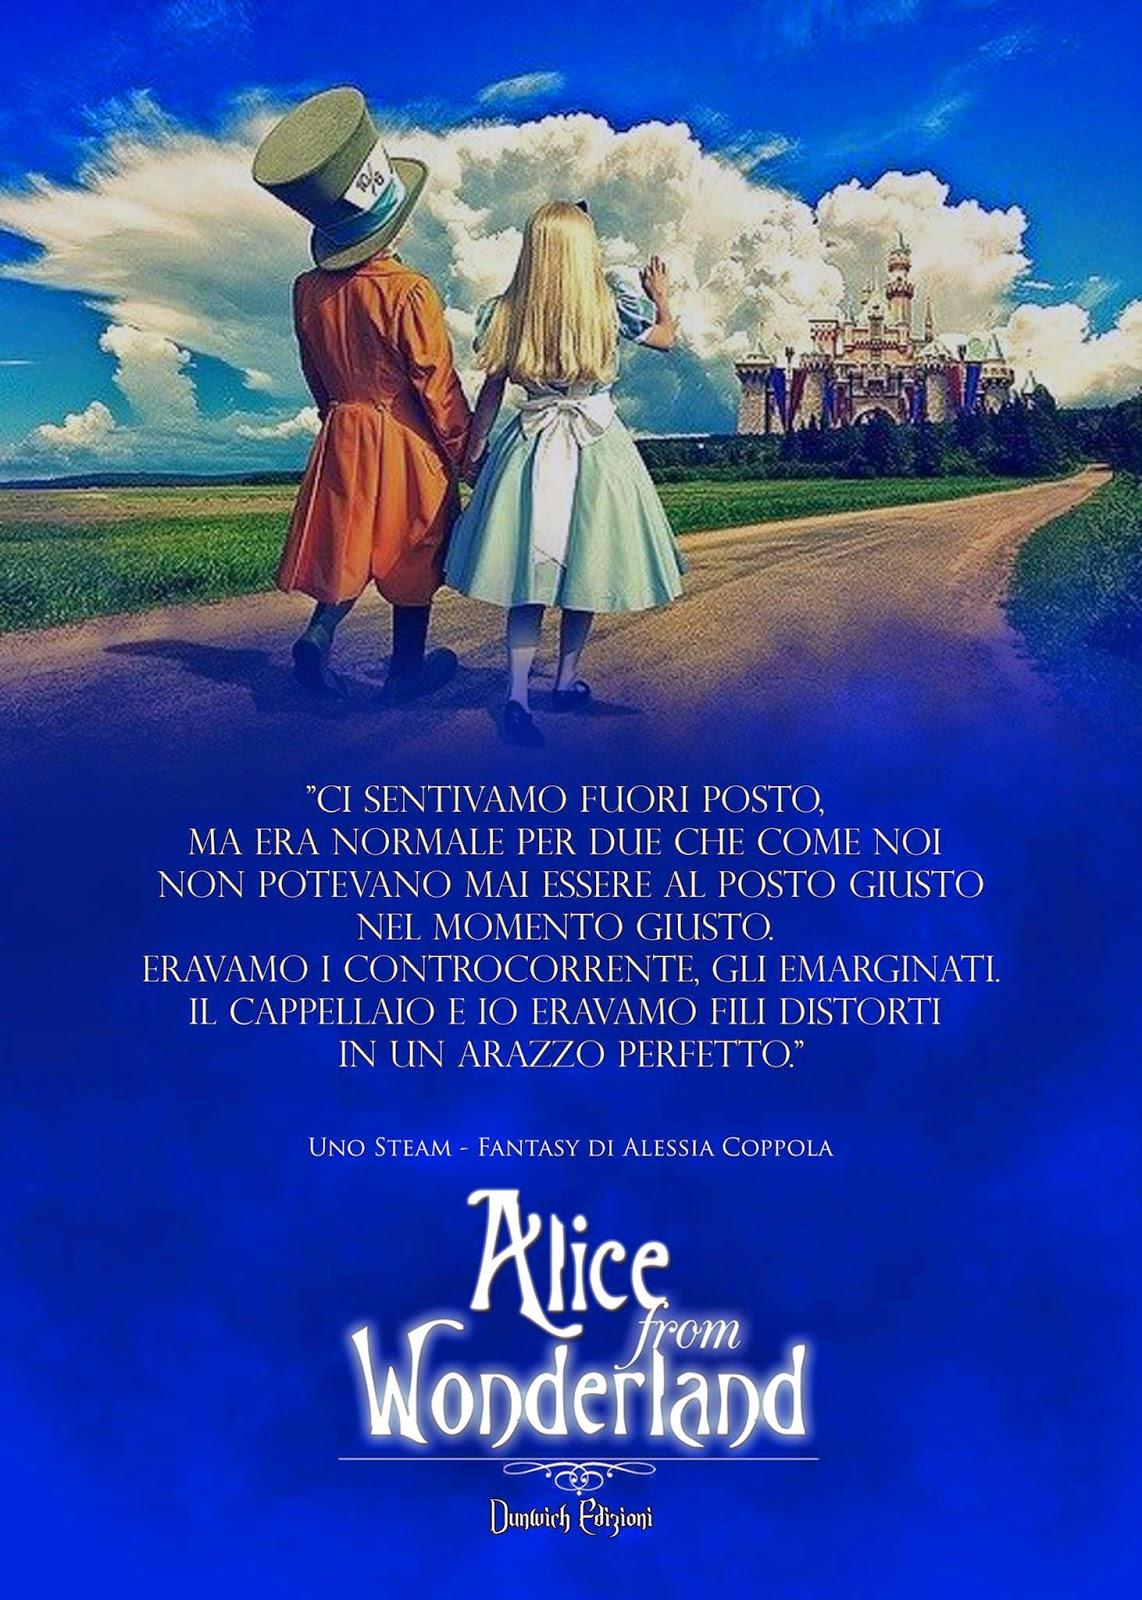 Alice In Wonderland Frasi Sul Tempo.Frasi Da Alice In Wonderland